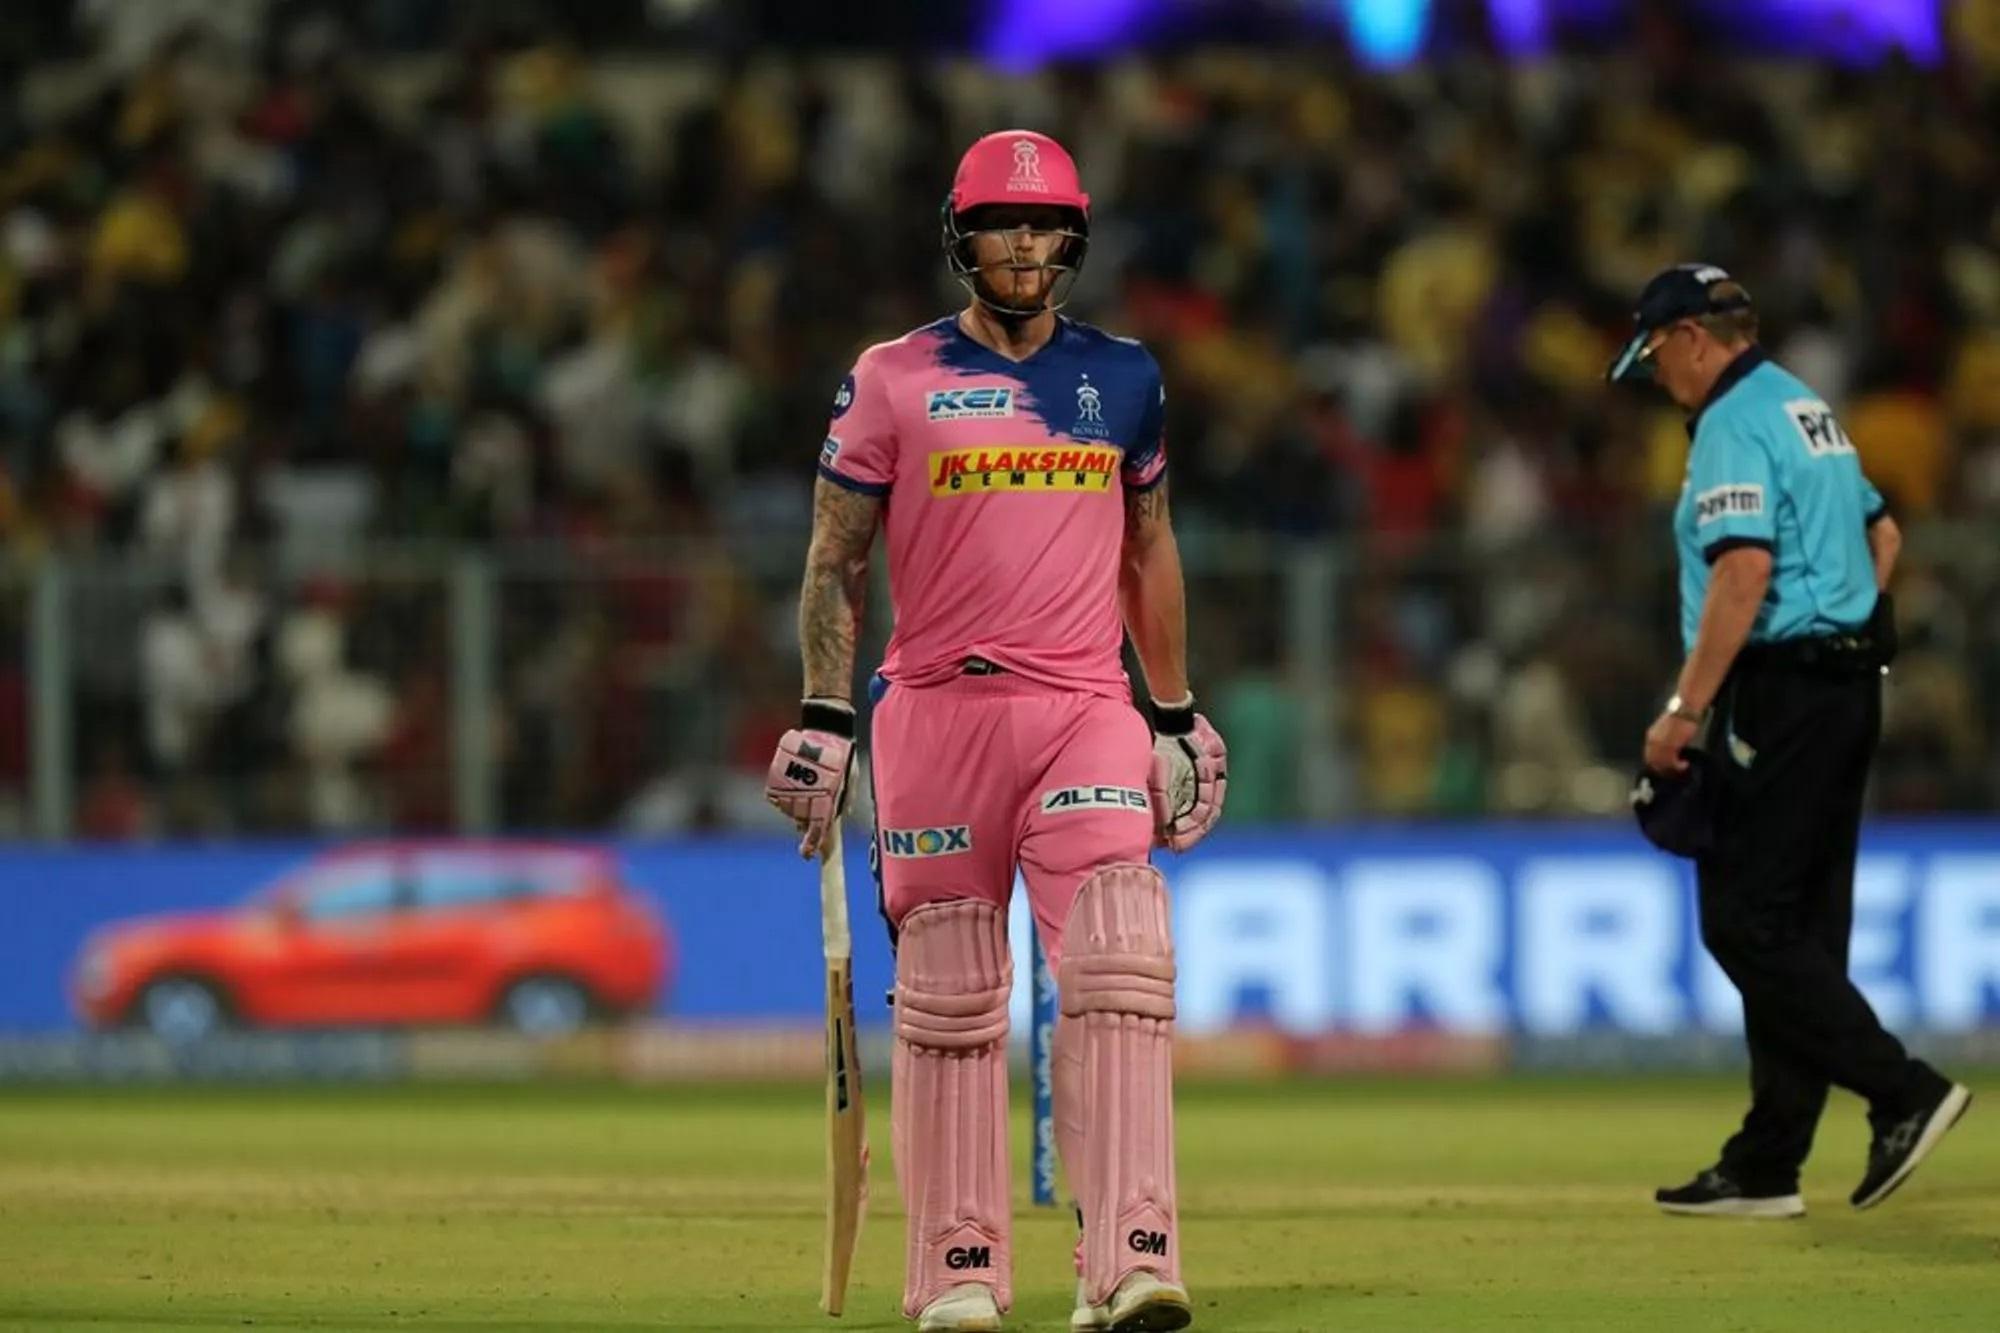 19-31 मार्च दरम्यान होणाऱ्या इंग्लंड-श्रीलंका मालिकेसाठी स्टोक्सची निवड करण्यात आली आहे. त्यामुळं राजस्थानकडून स्टोक्स सुरुवातीचे काही सामने खेळू शकणार नाही आहे.